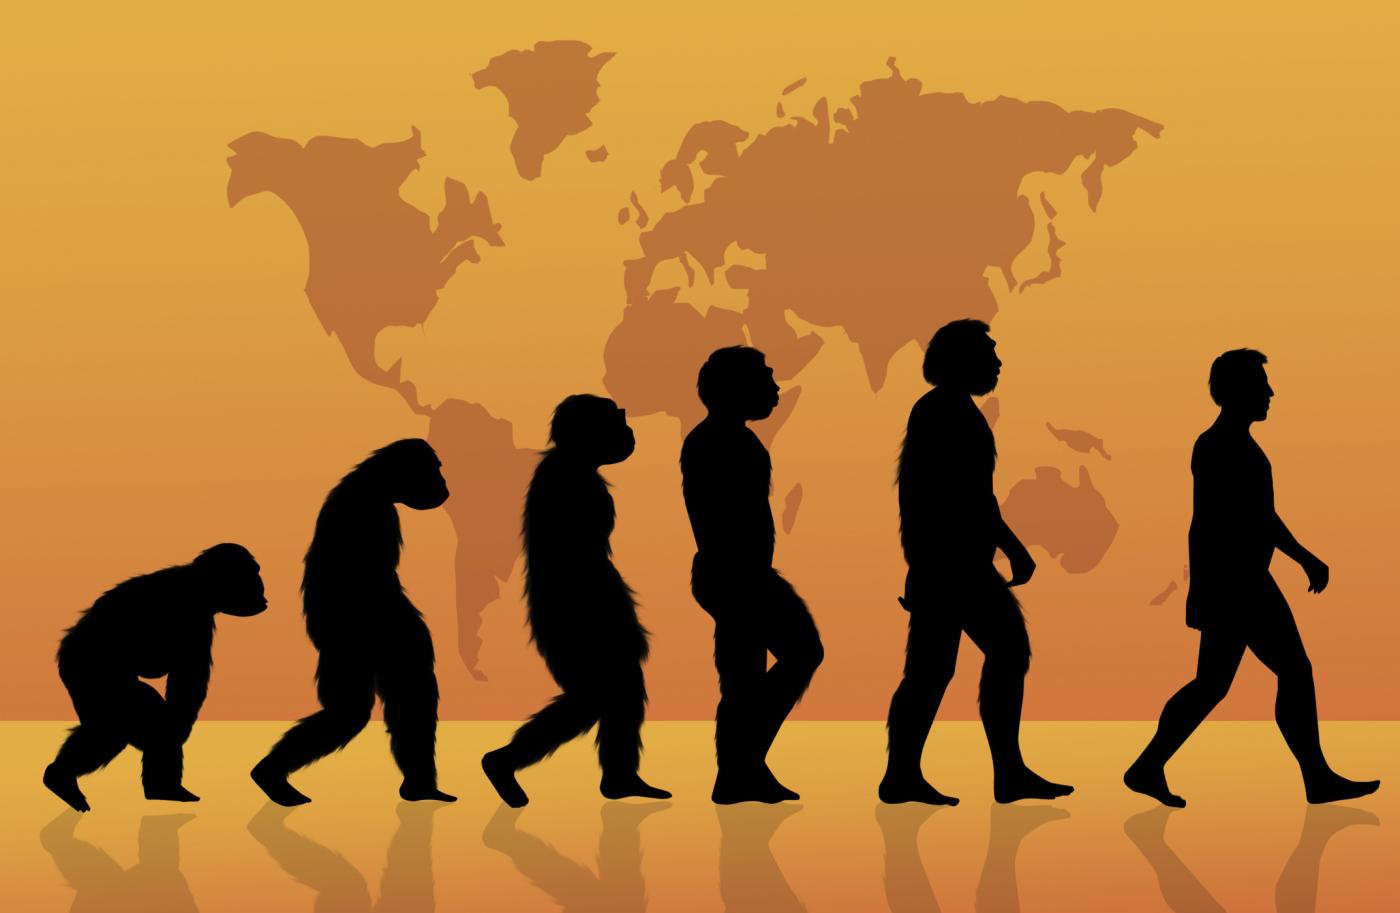 Darwinismo Social: El legado de un fantasma o la responsabilidad de la ciencia